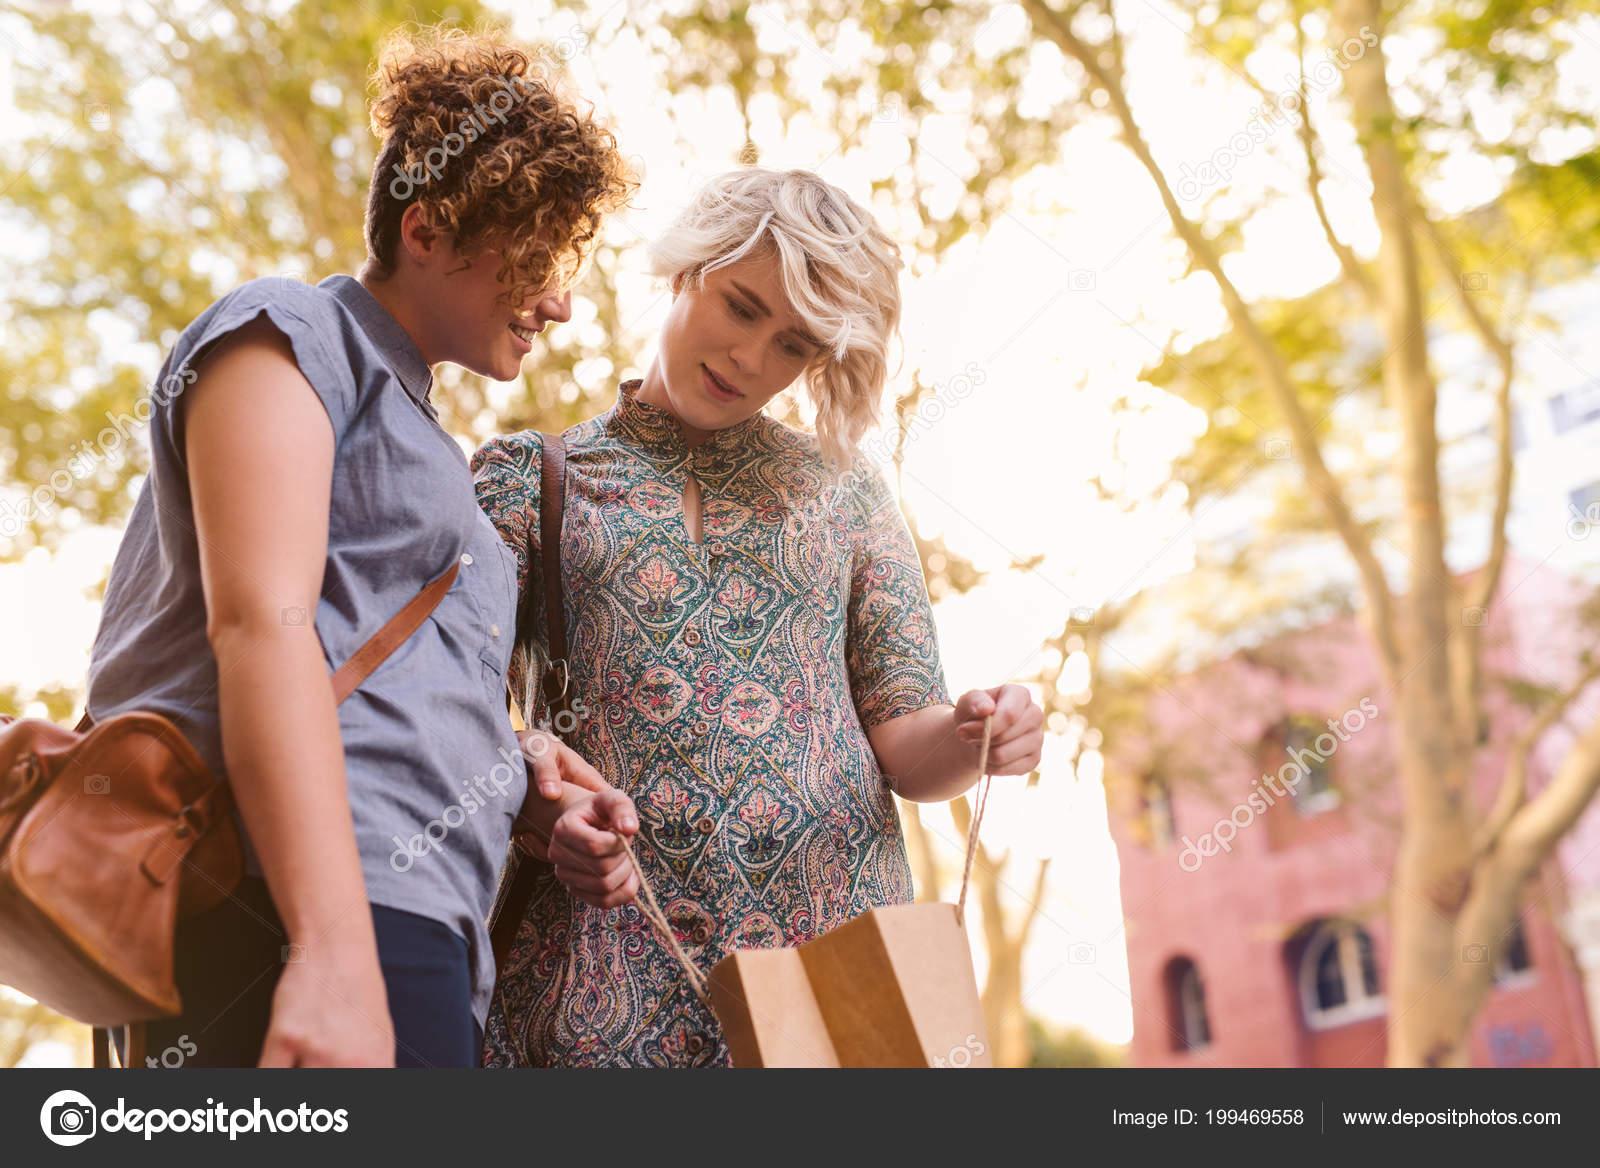 λεσβιακό dating... καλές φωτογραφίες γνωριμιών